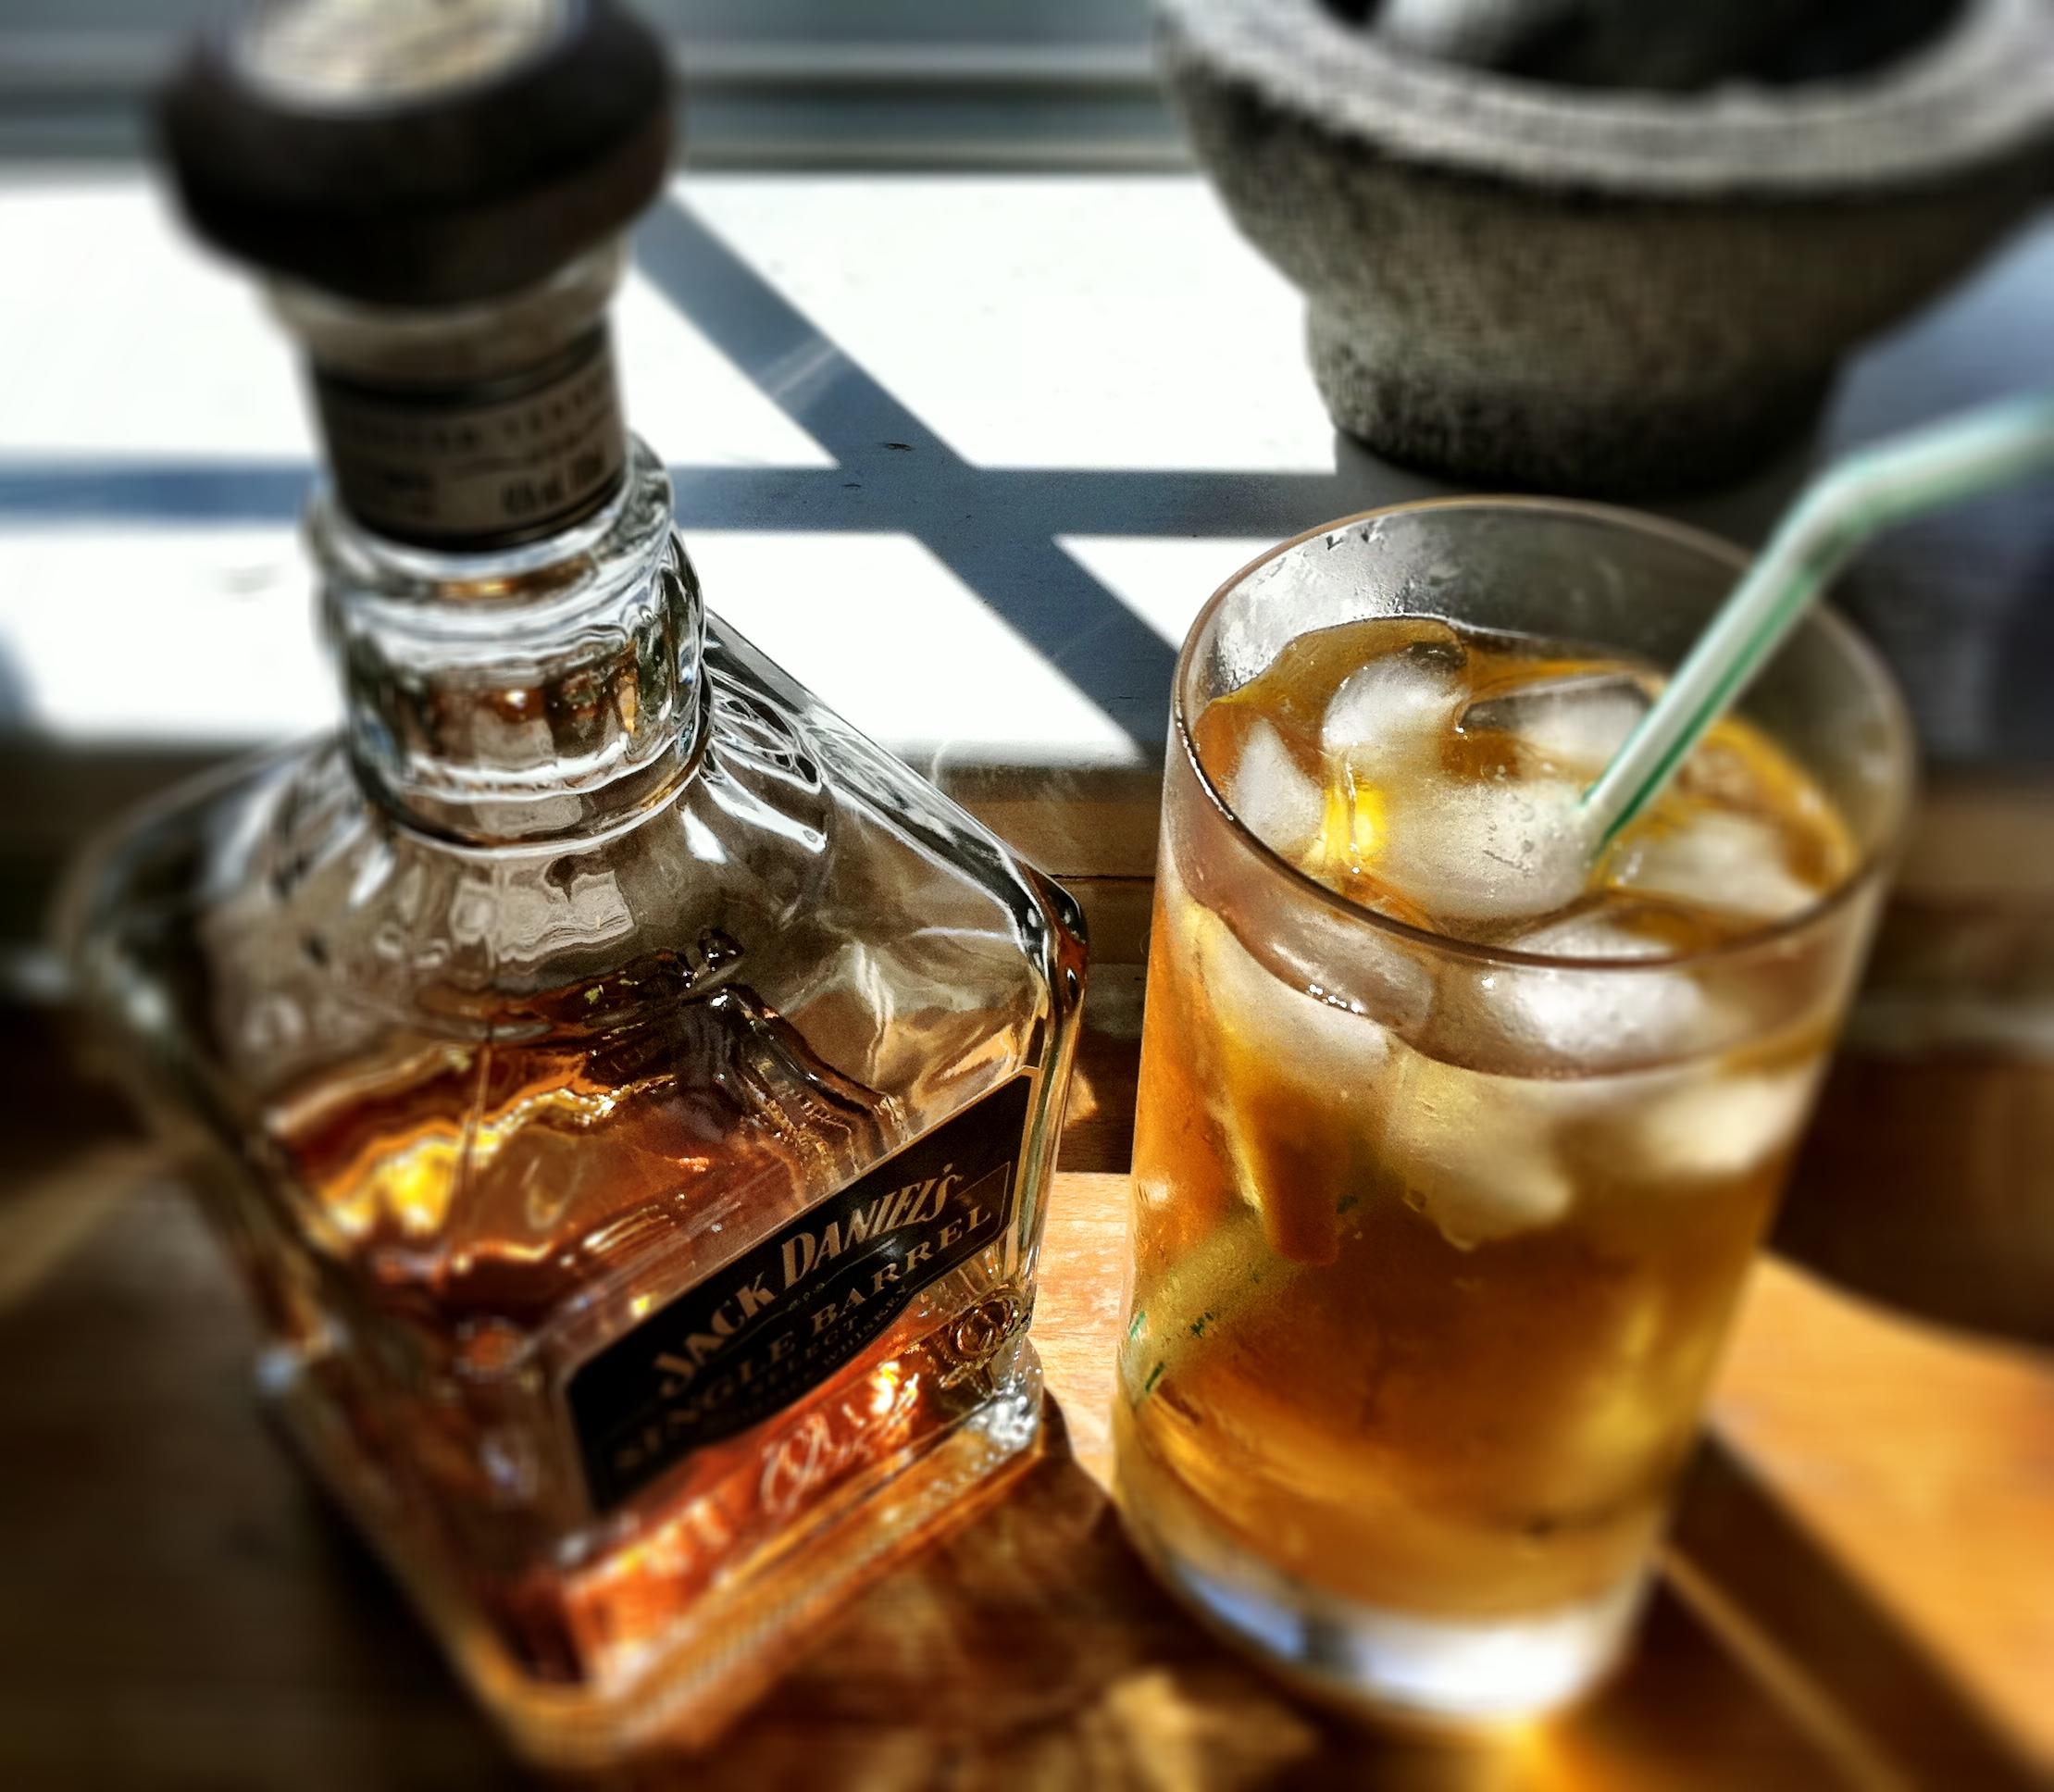 JD, ginger ale, sparkling water, grenadine and lemon juice